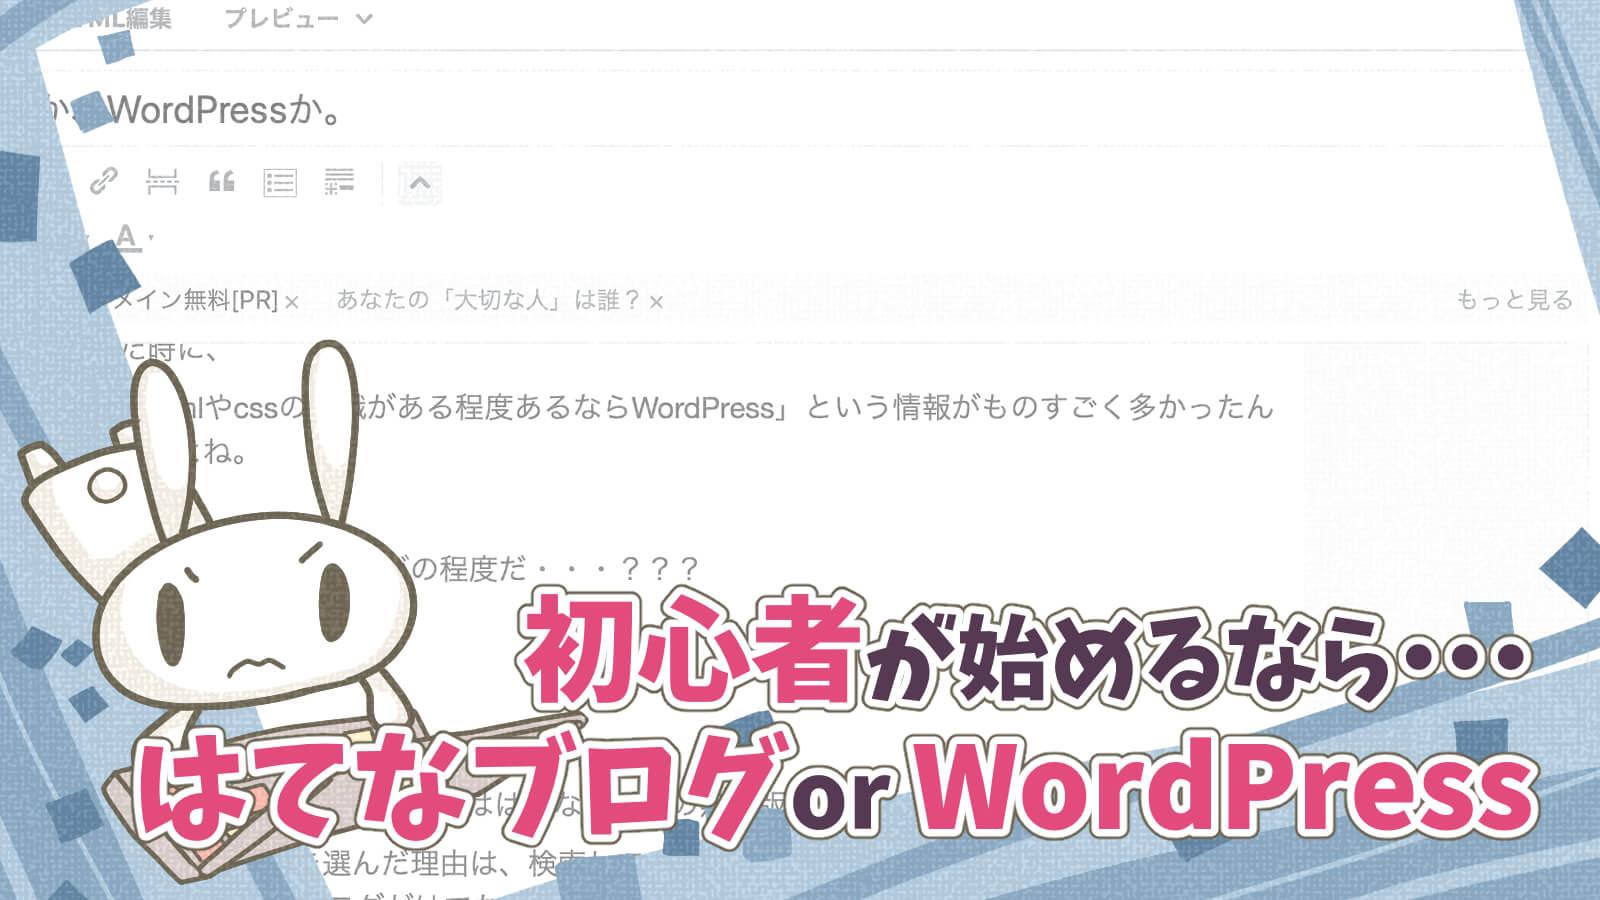 初心者が始めるなら、Wordpressなのかはてなブログなのかどっちがいい